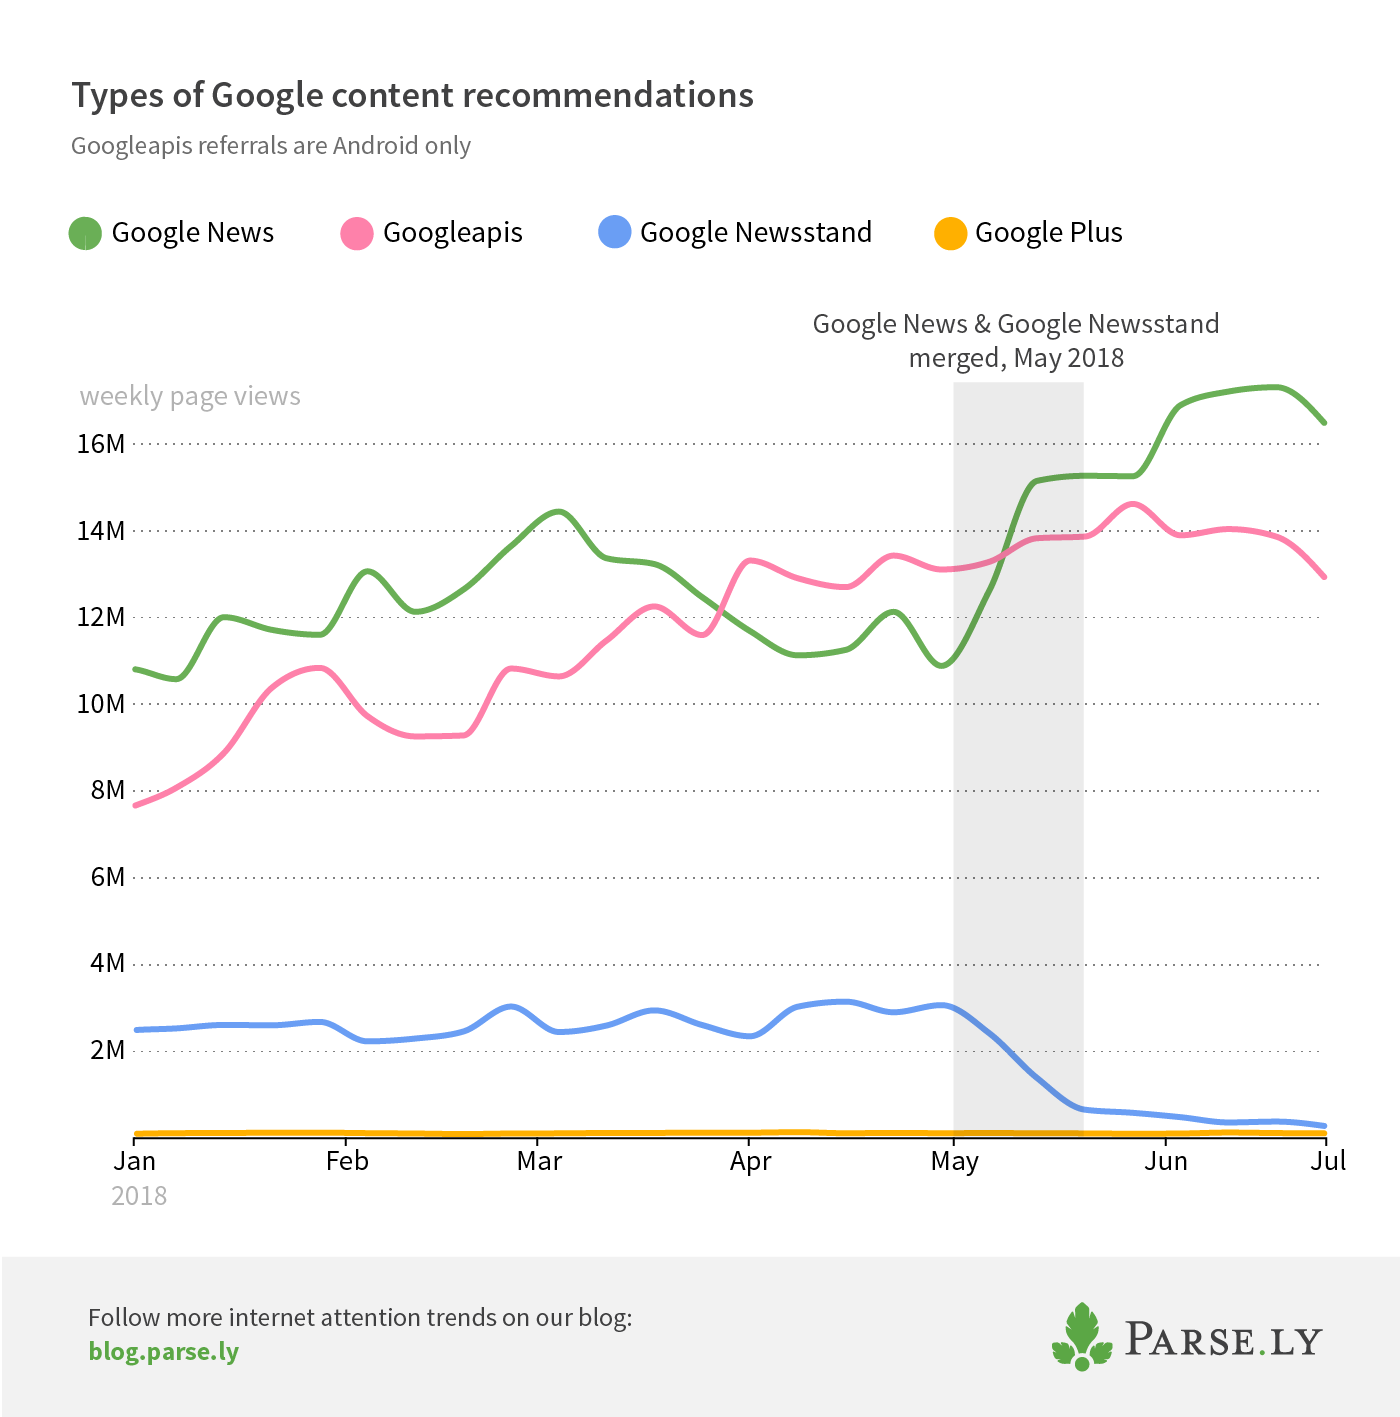 Google referrers